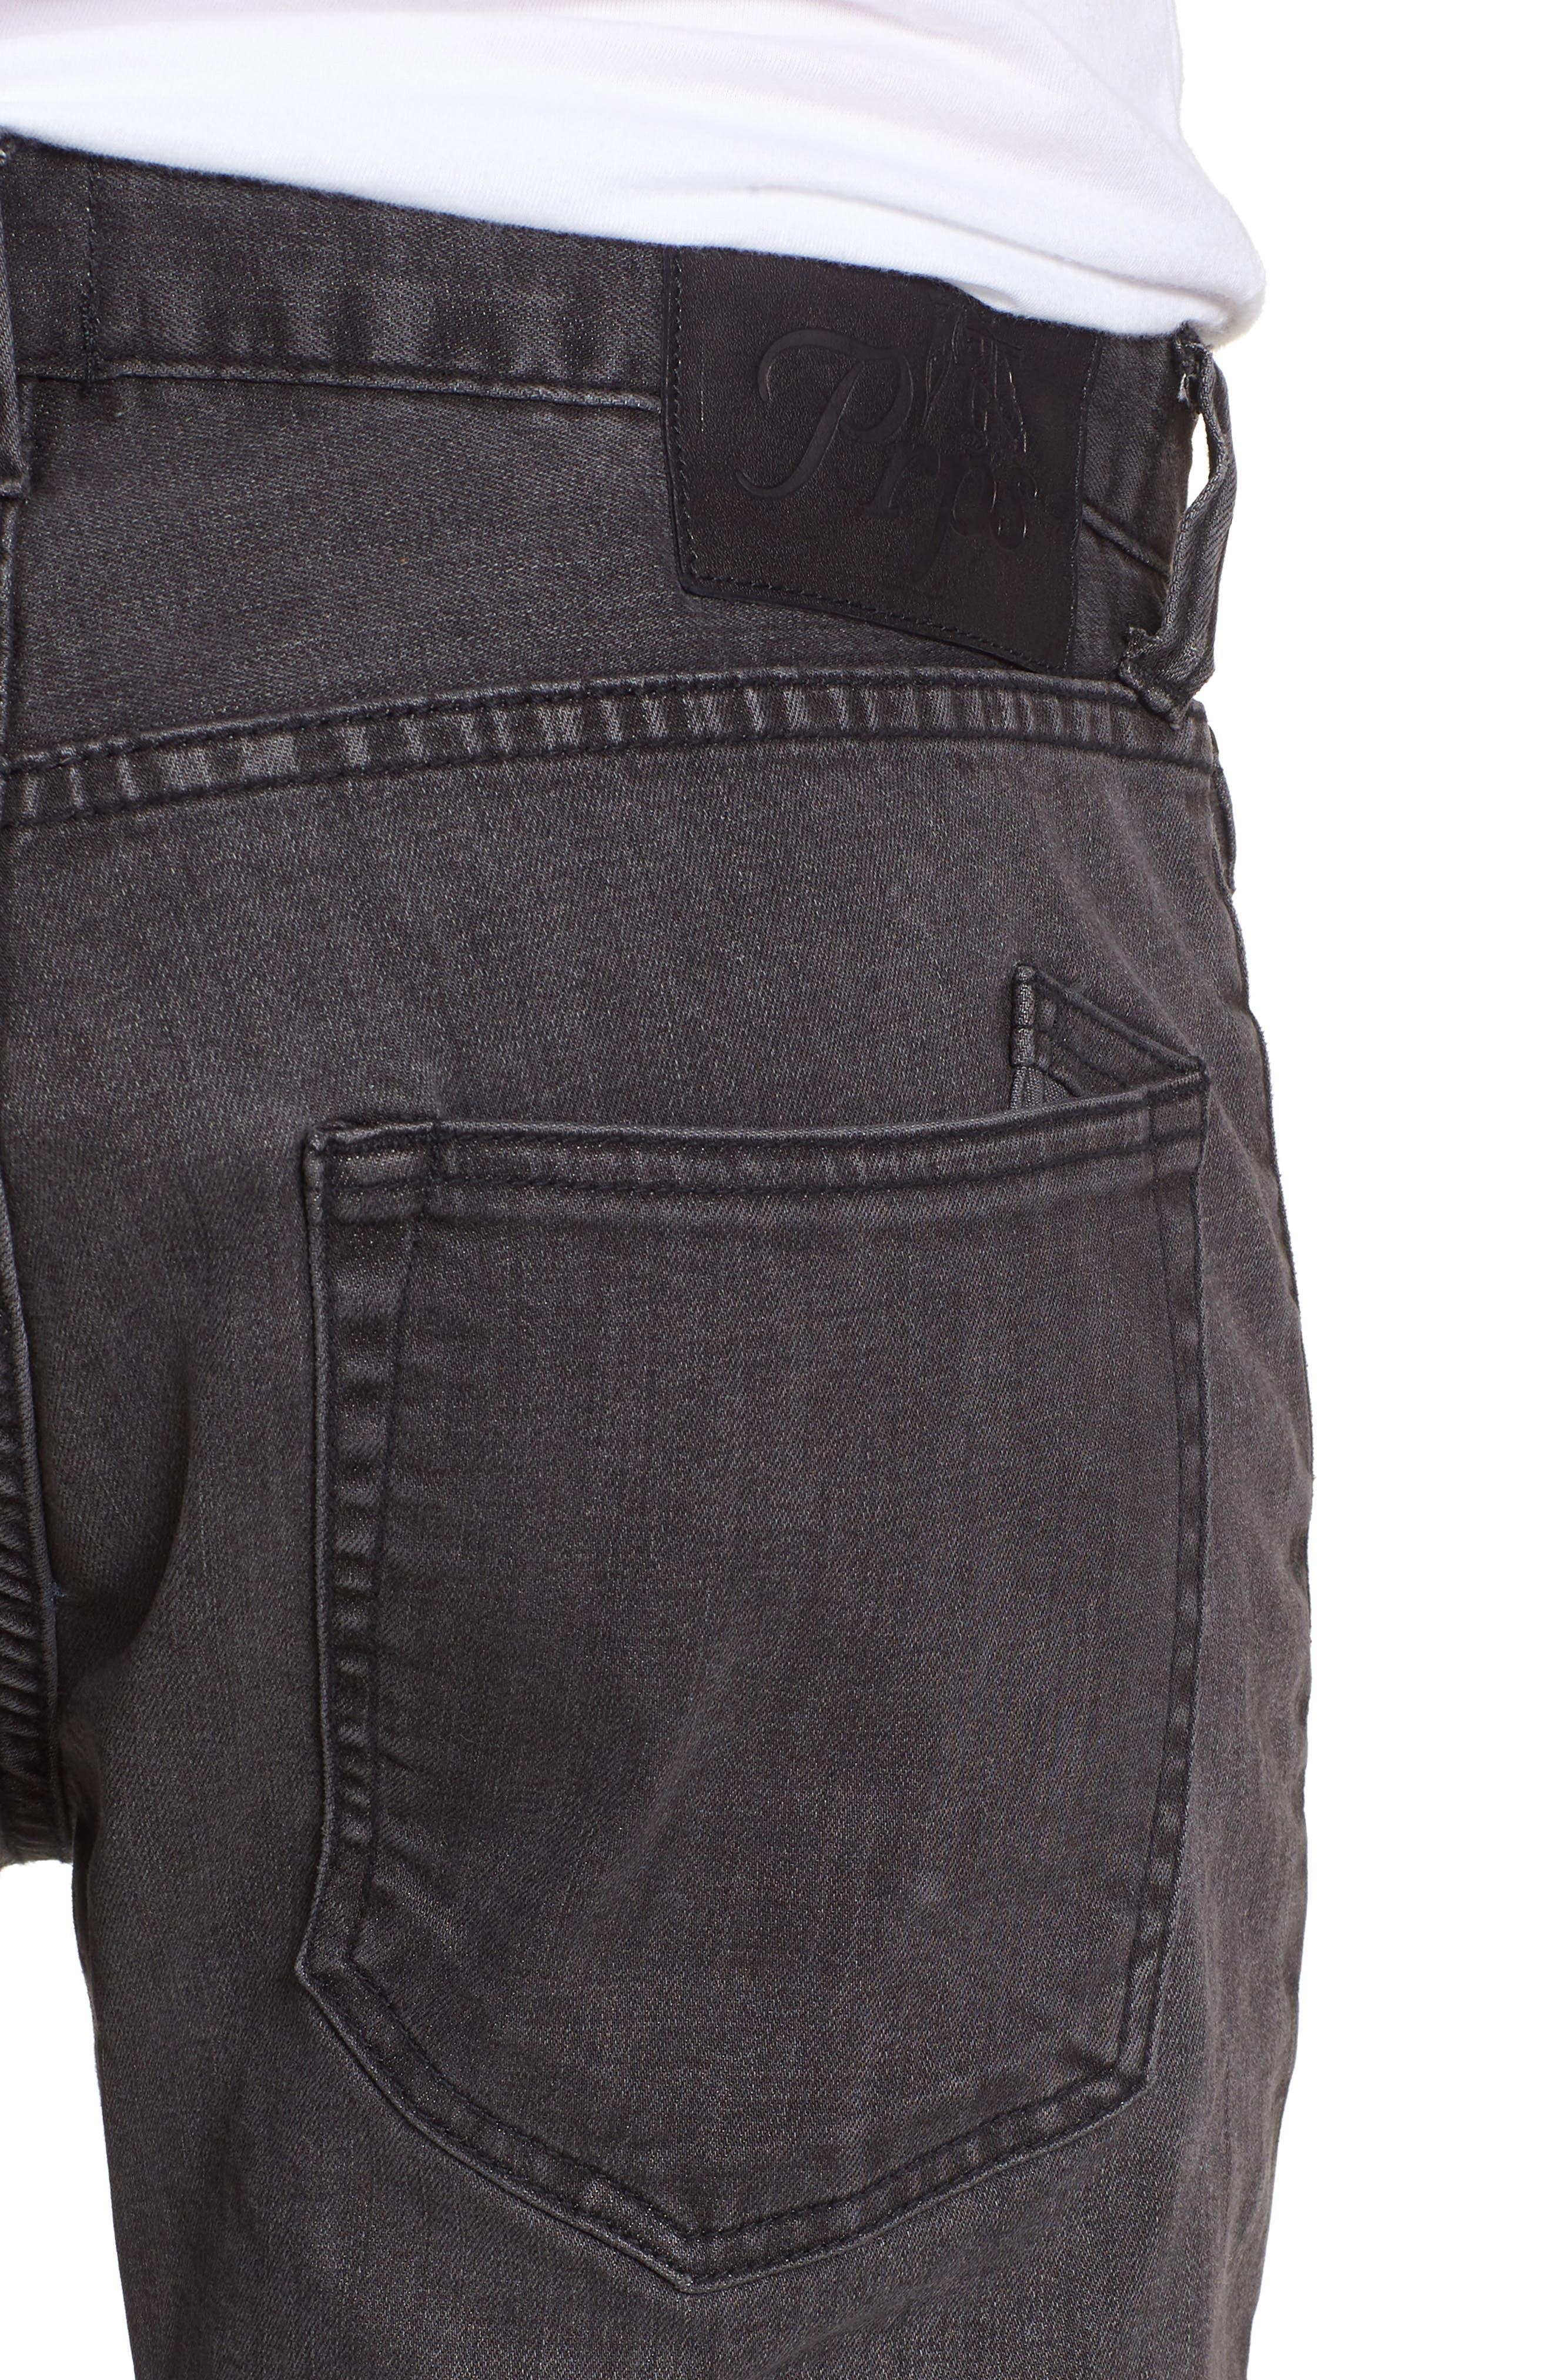 Le Sabre Slim Fit Jeans,                             Alternate thumbnail 4, color,                             Festival